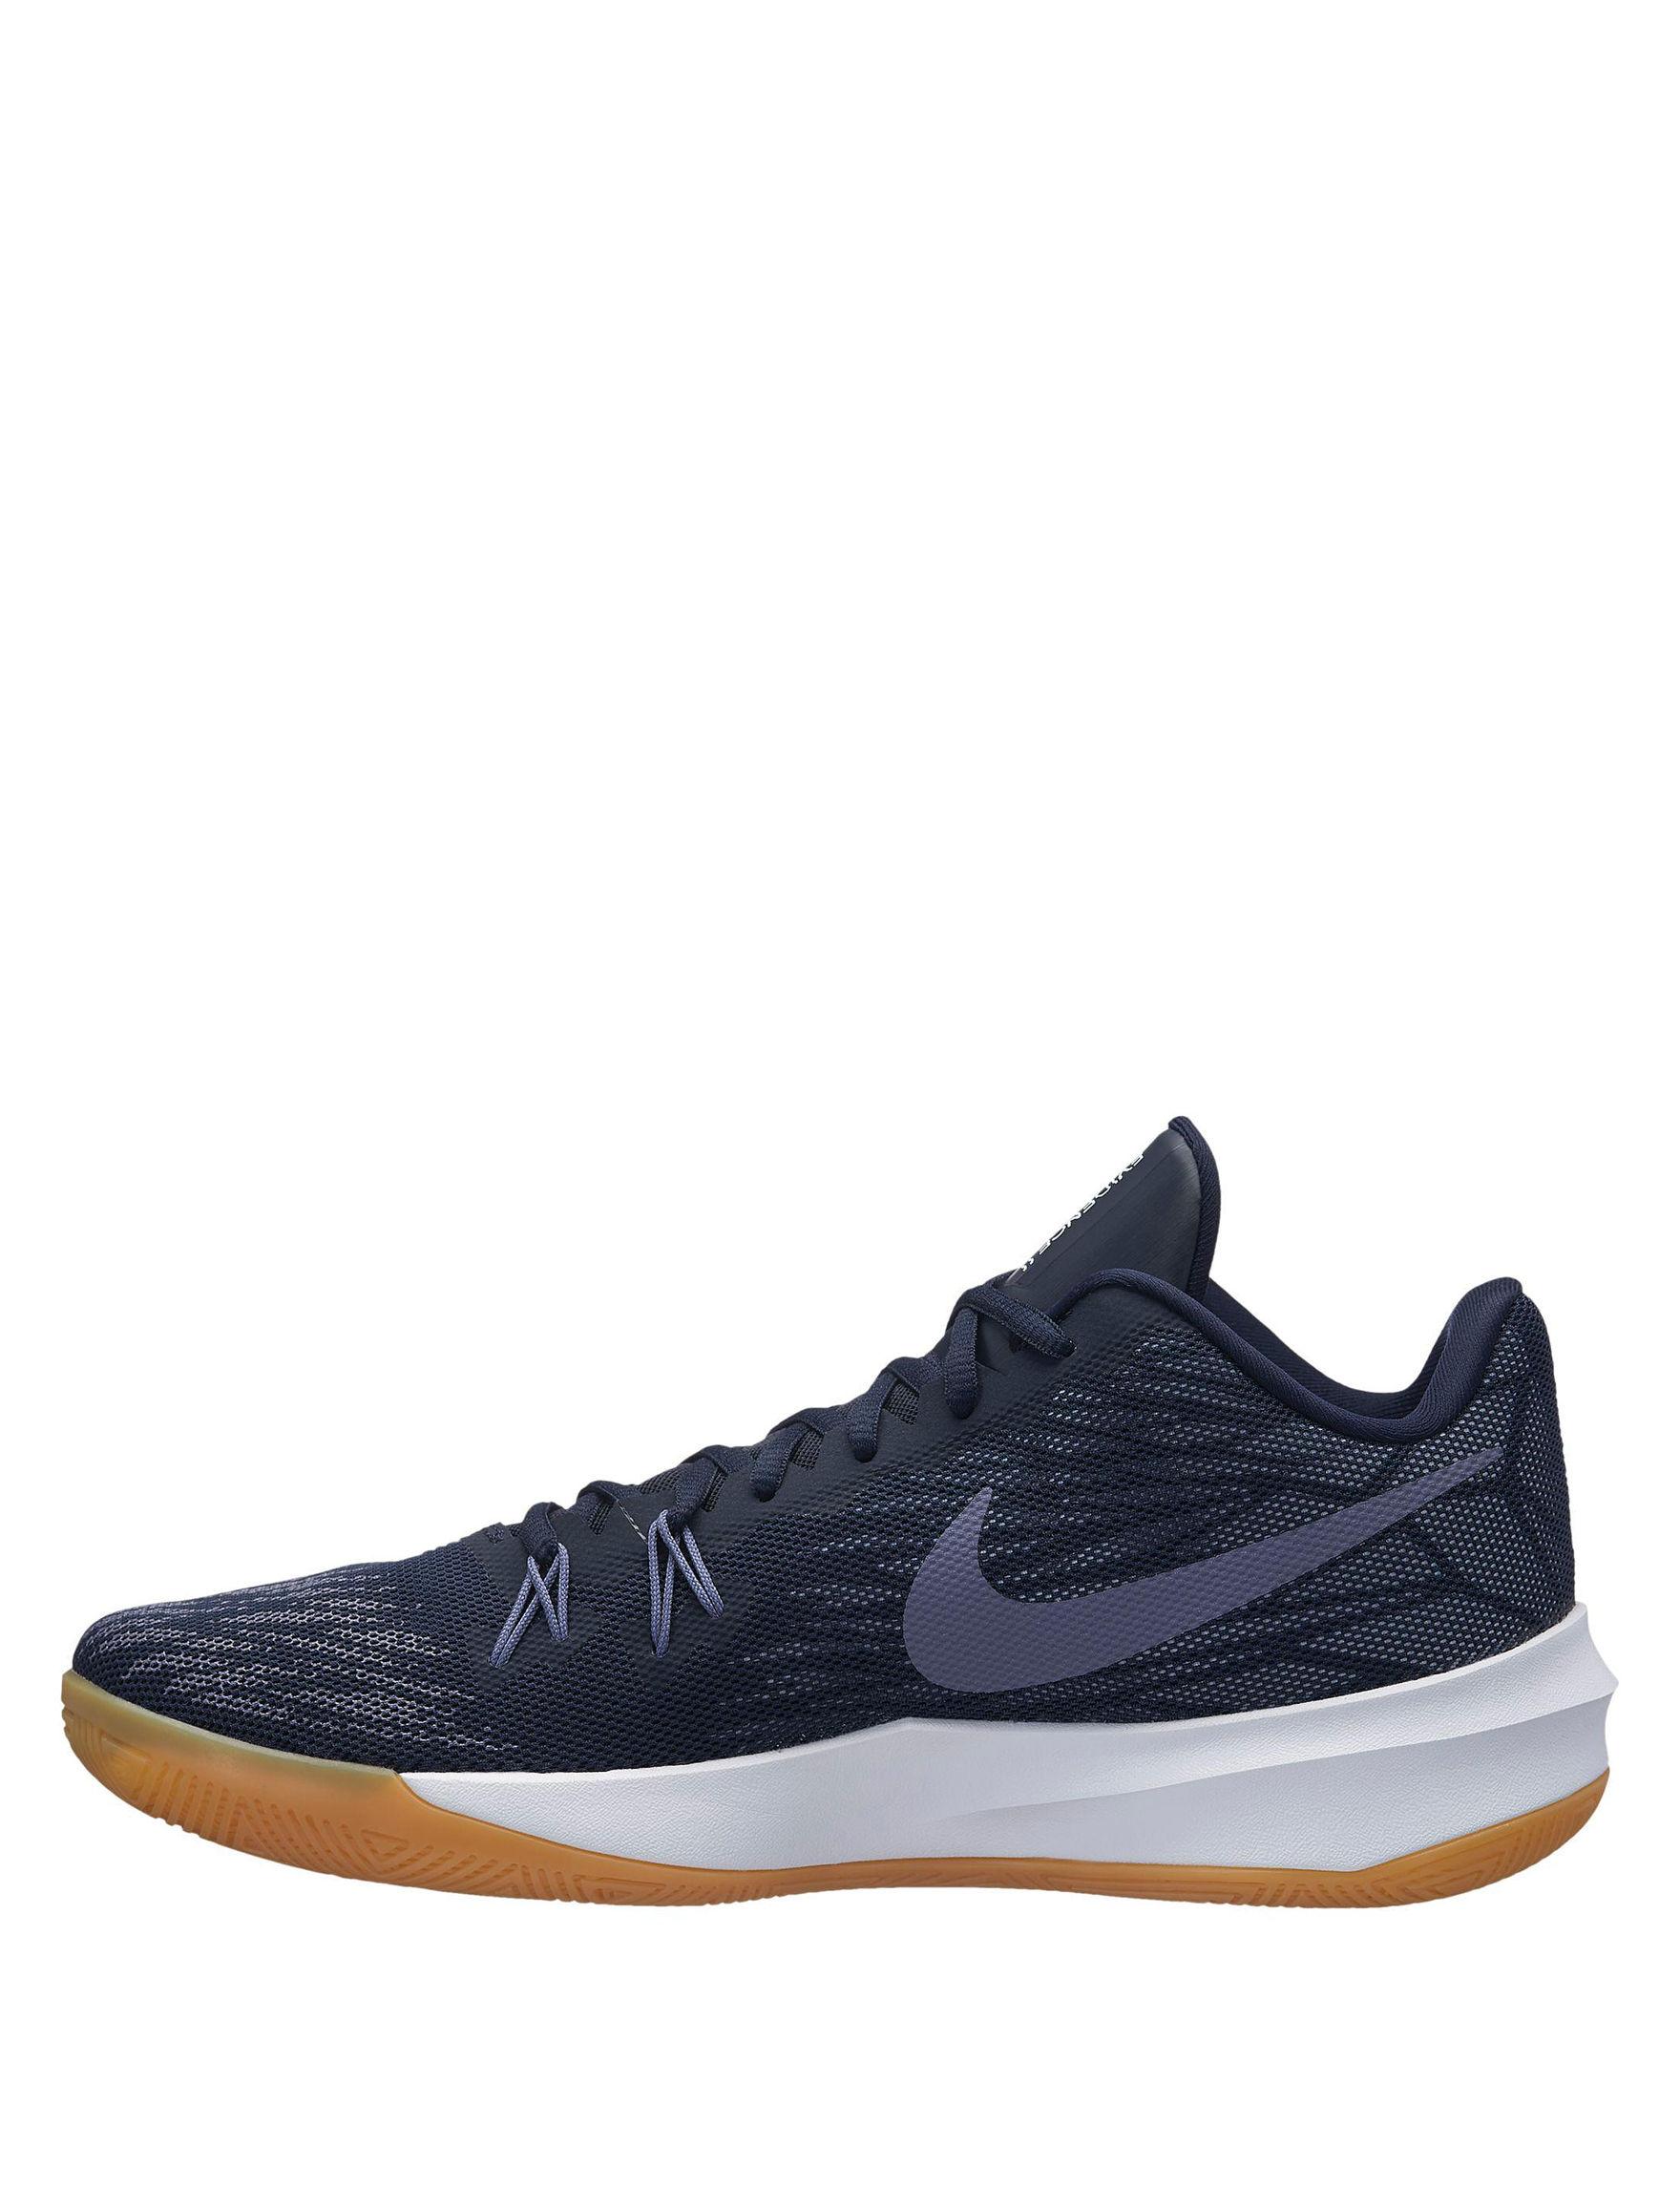 c329ad17232c Nike Men s Zoom Evidence III Basketball Shoes